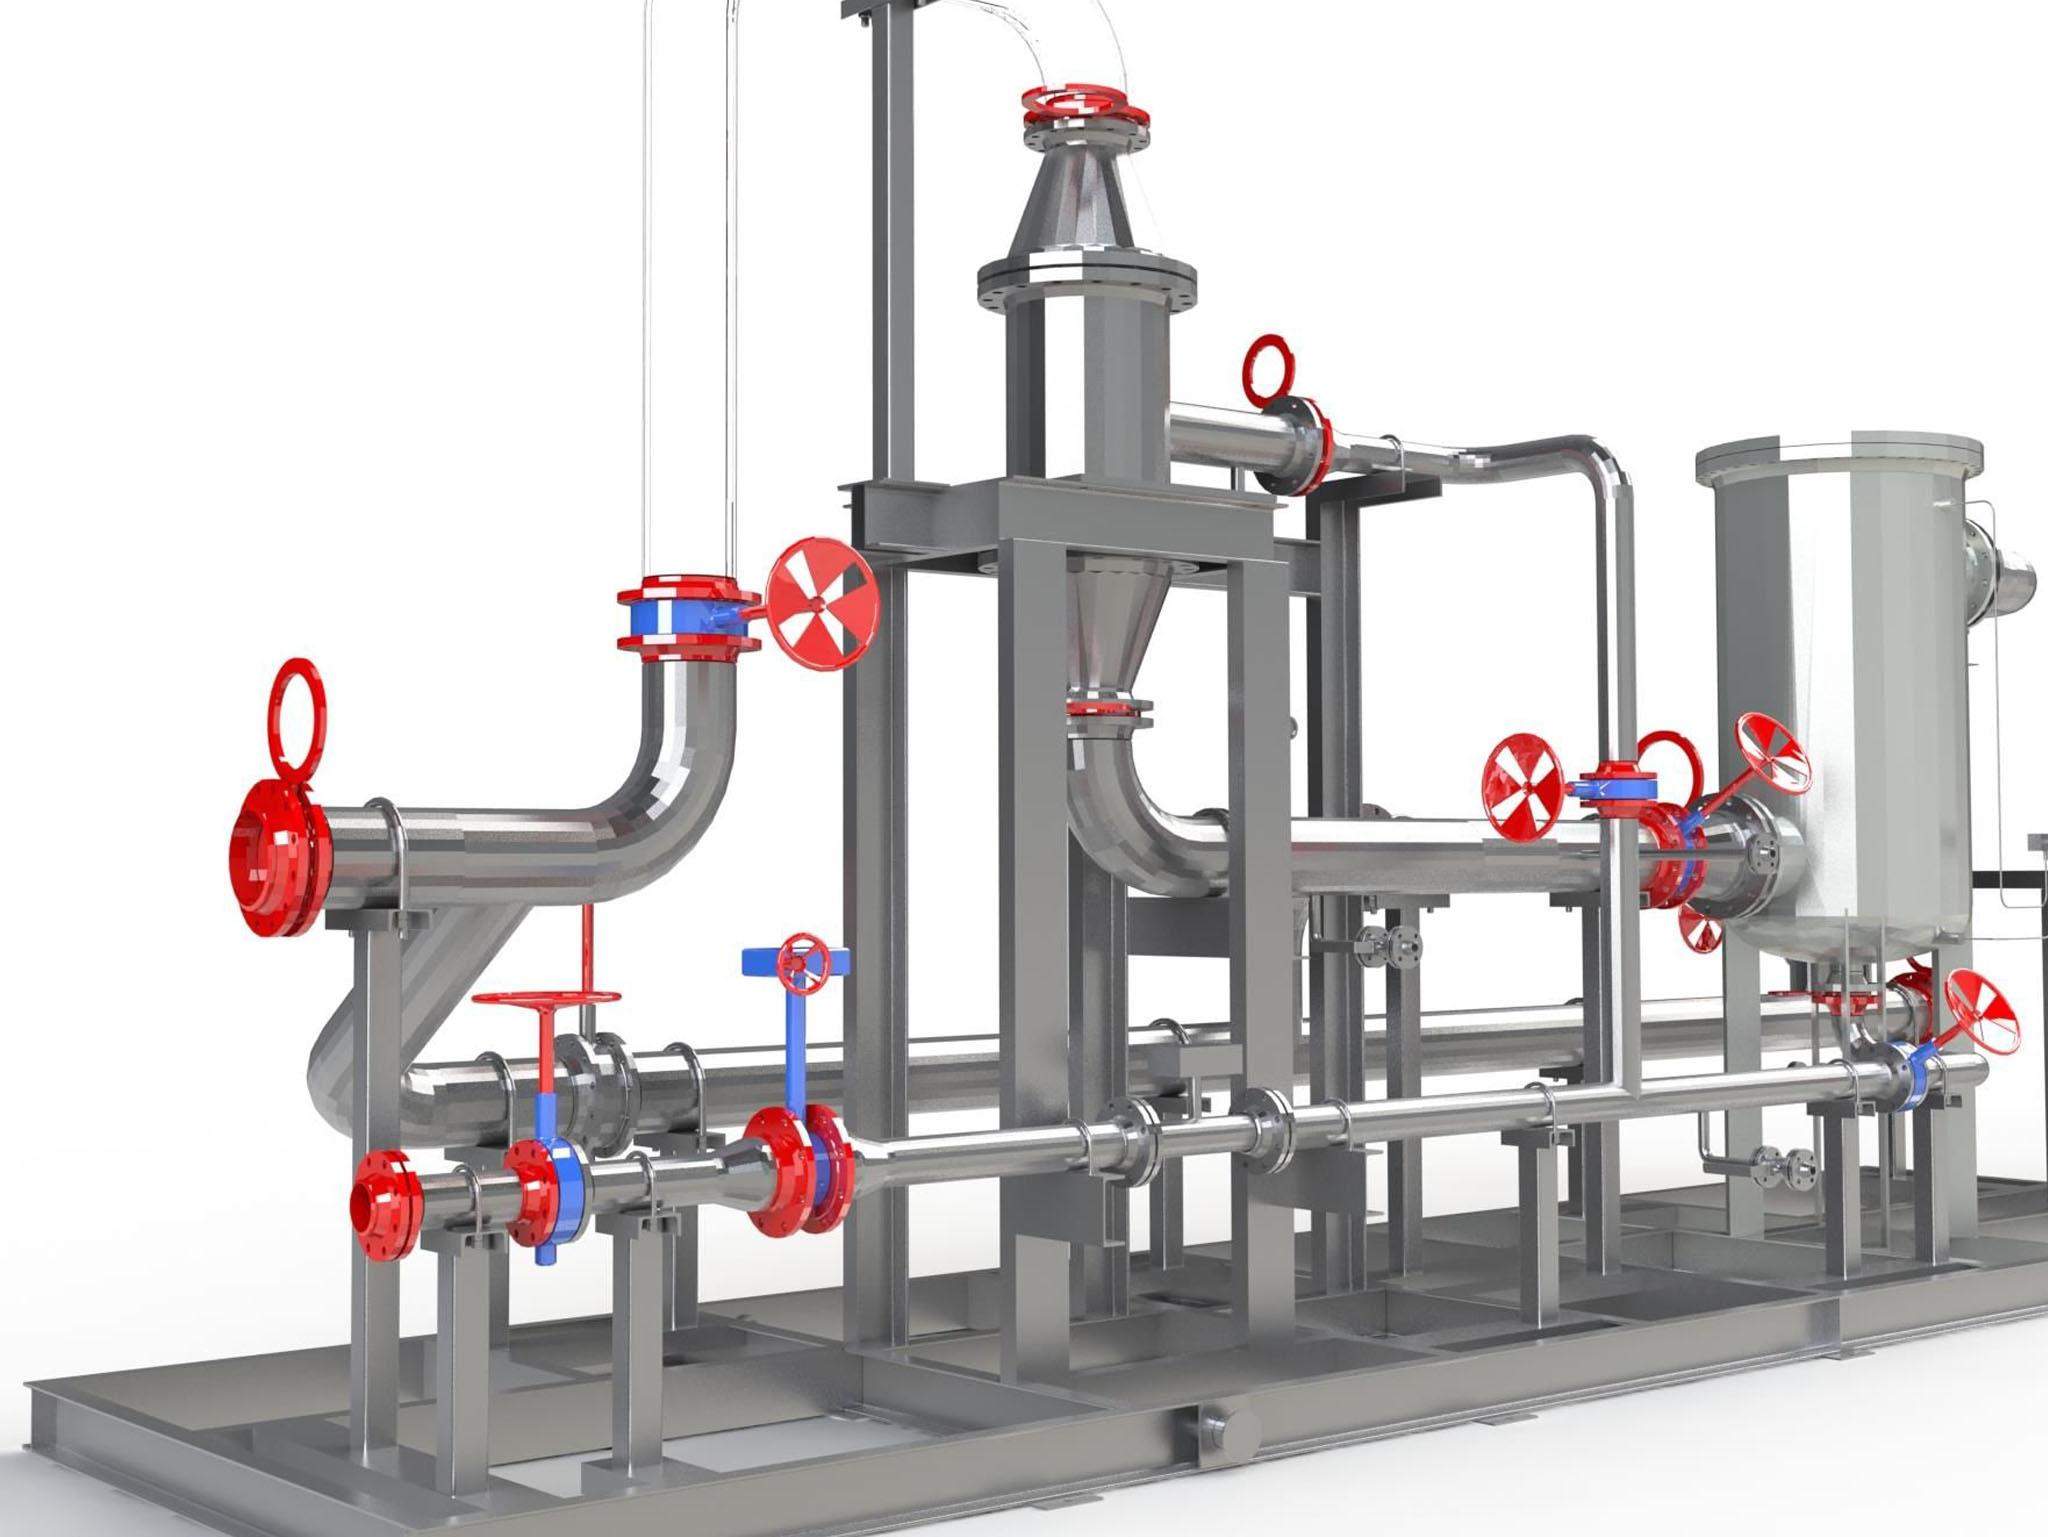 Système de dessablage cyclonique - Bureau d'études